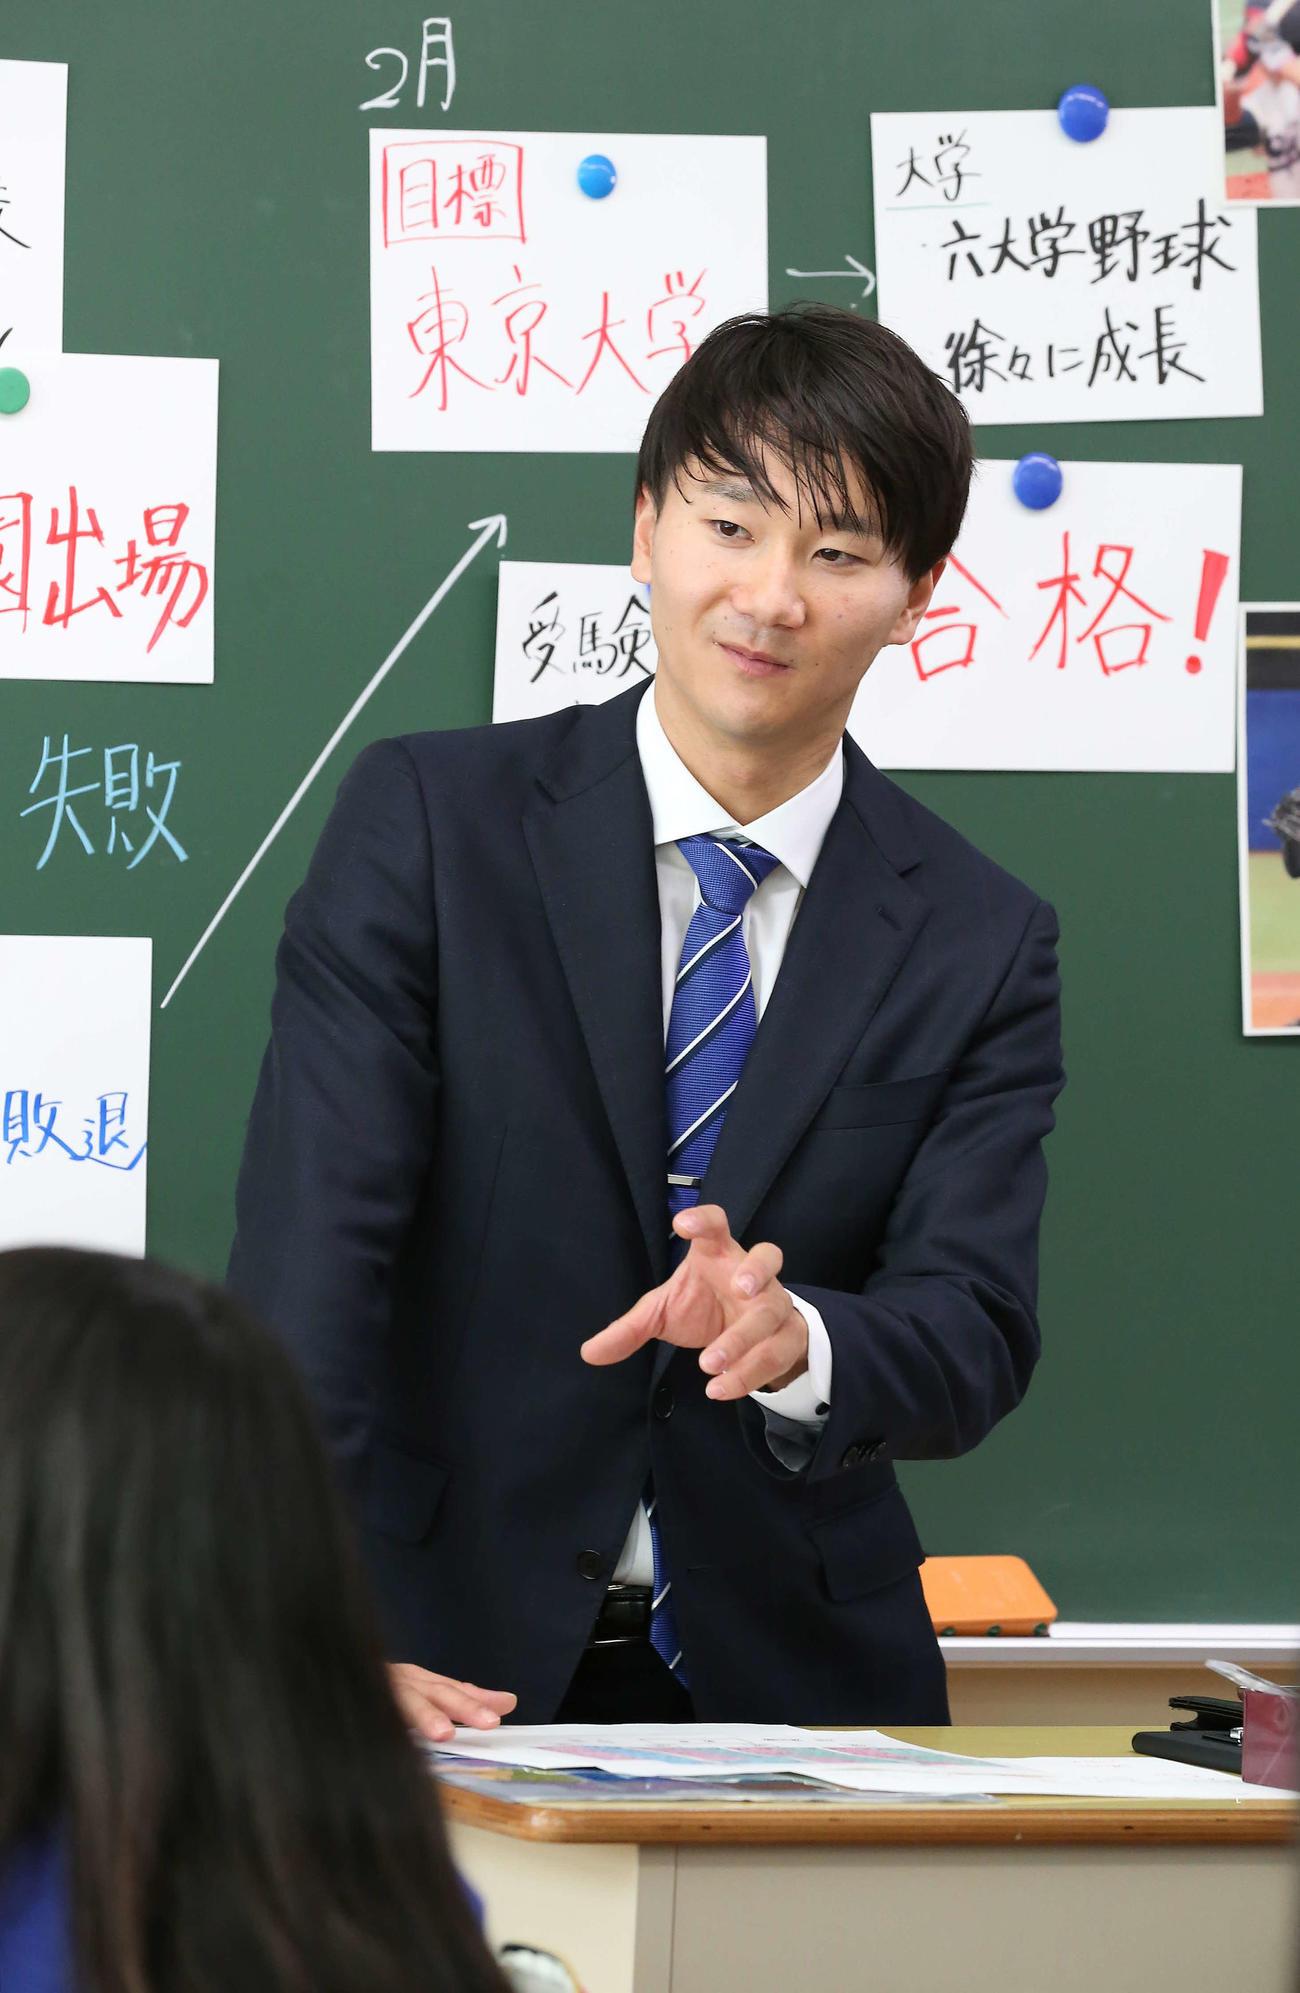 19年12月18日、「こころのプロジェクト 夢の教室」で生徒に自身の経験を話す宮台